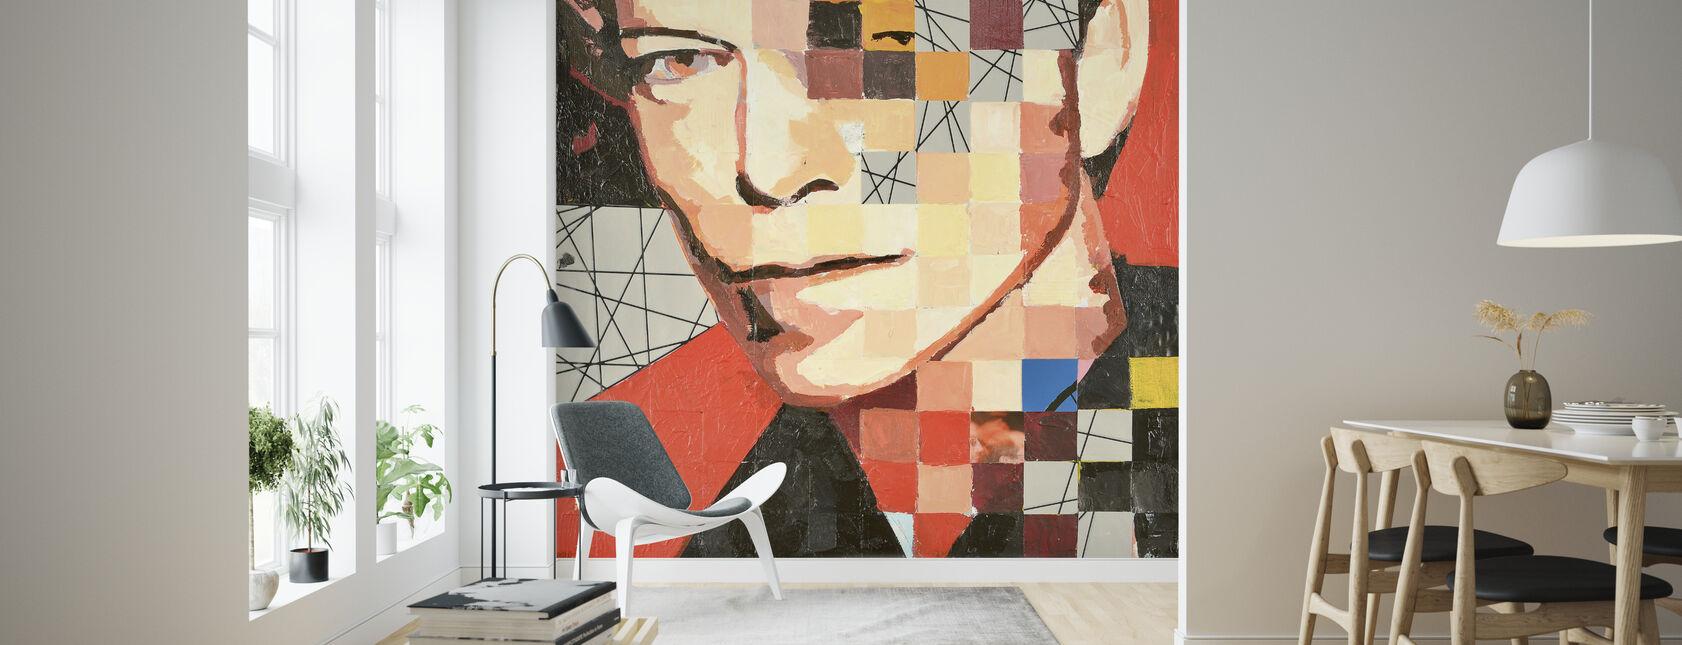 Change - Wallpaper - Living Room